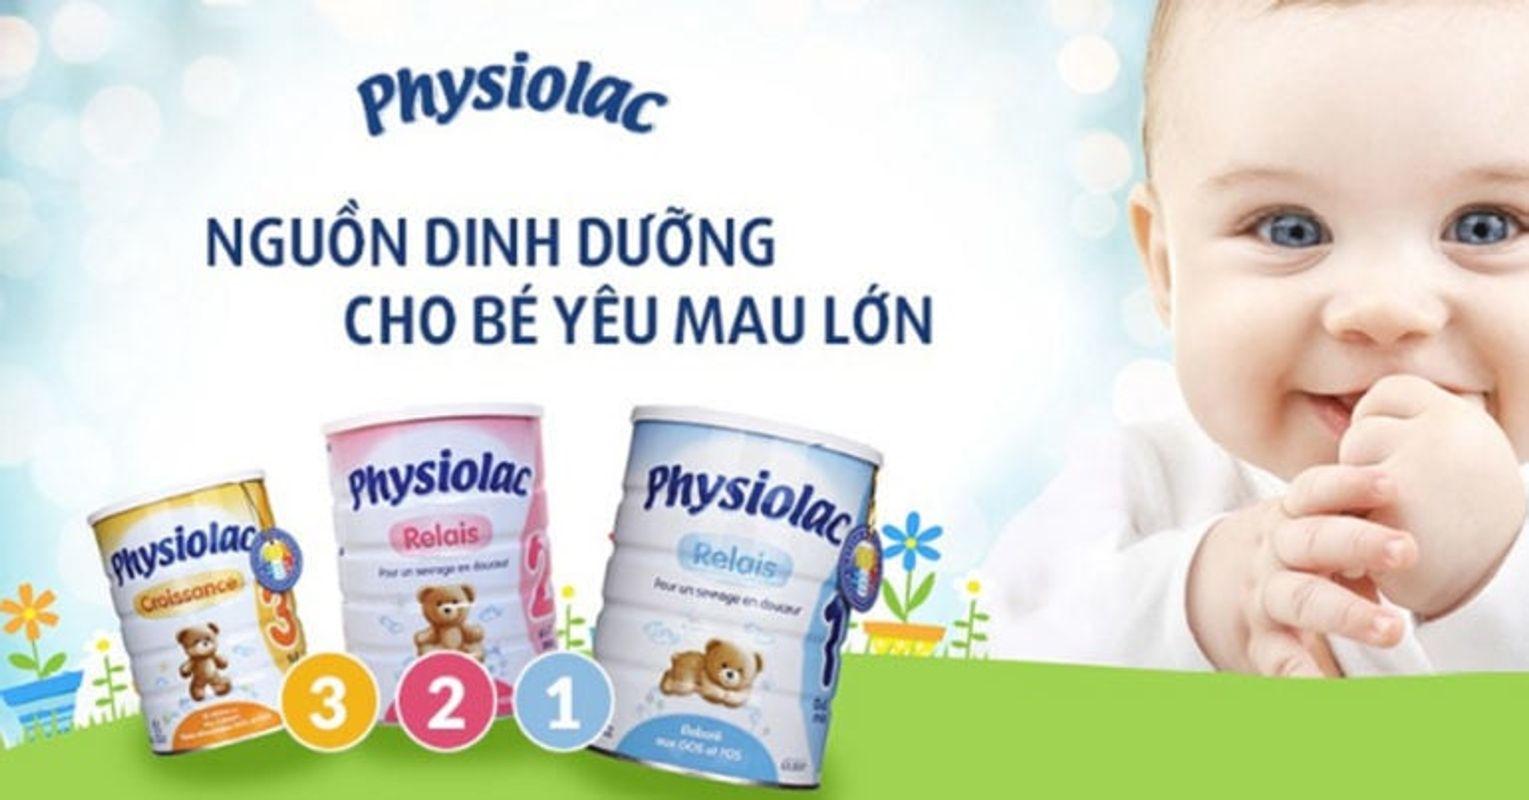 [Hỏi/Đáp] Sữa Physiolac Có Tốt Không? Có Tăng Cân Không?